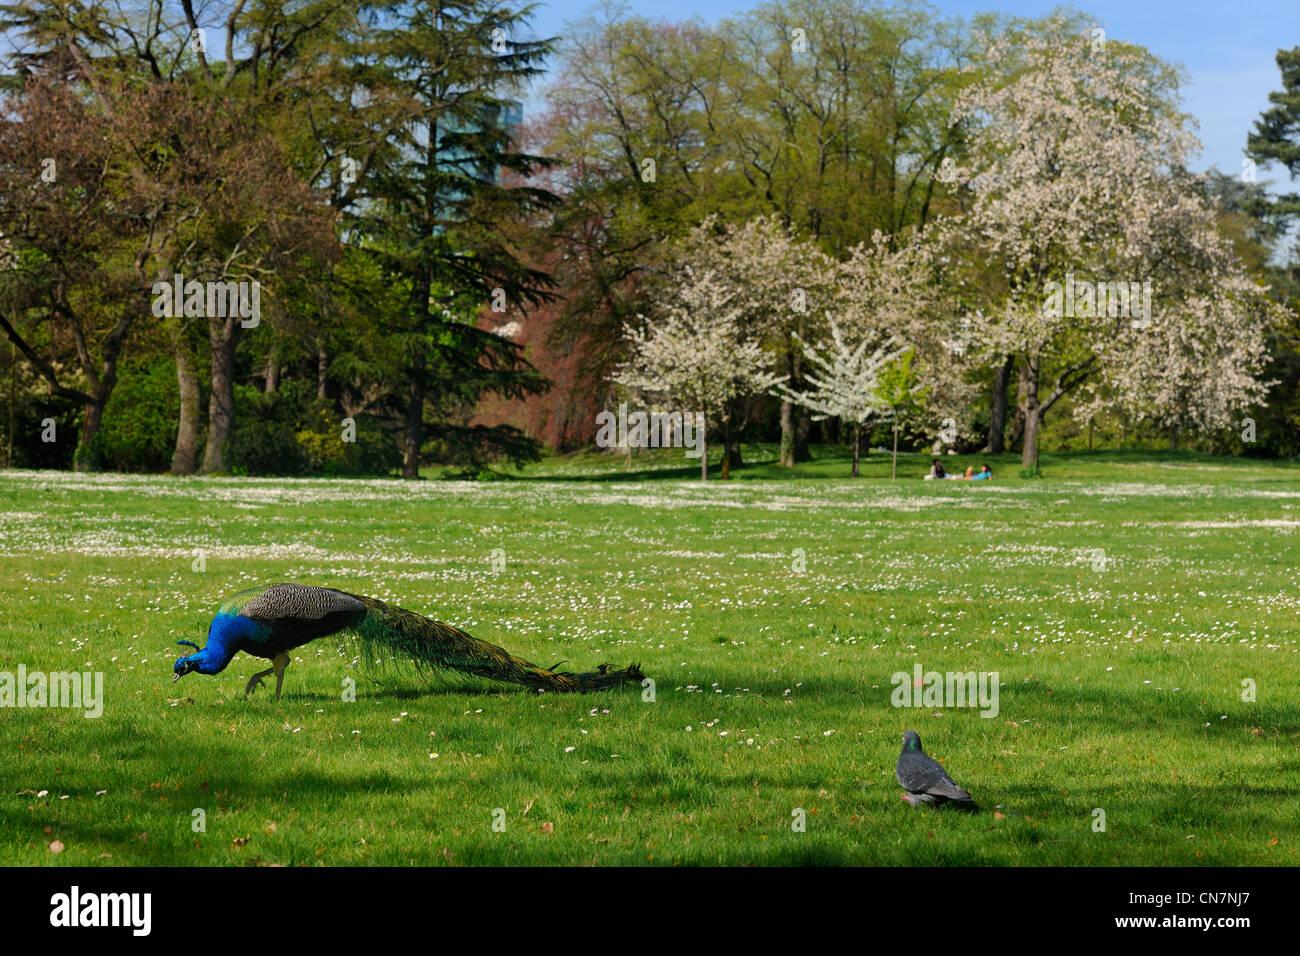 France, Paris, Bois de Boulogne, Parc de Bagatelle, peacock Stock Photo